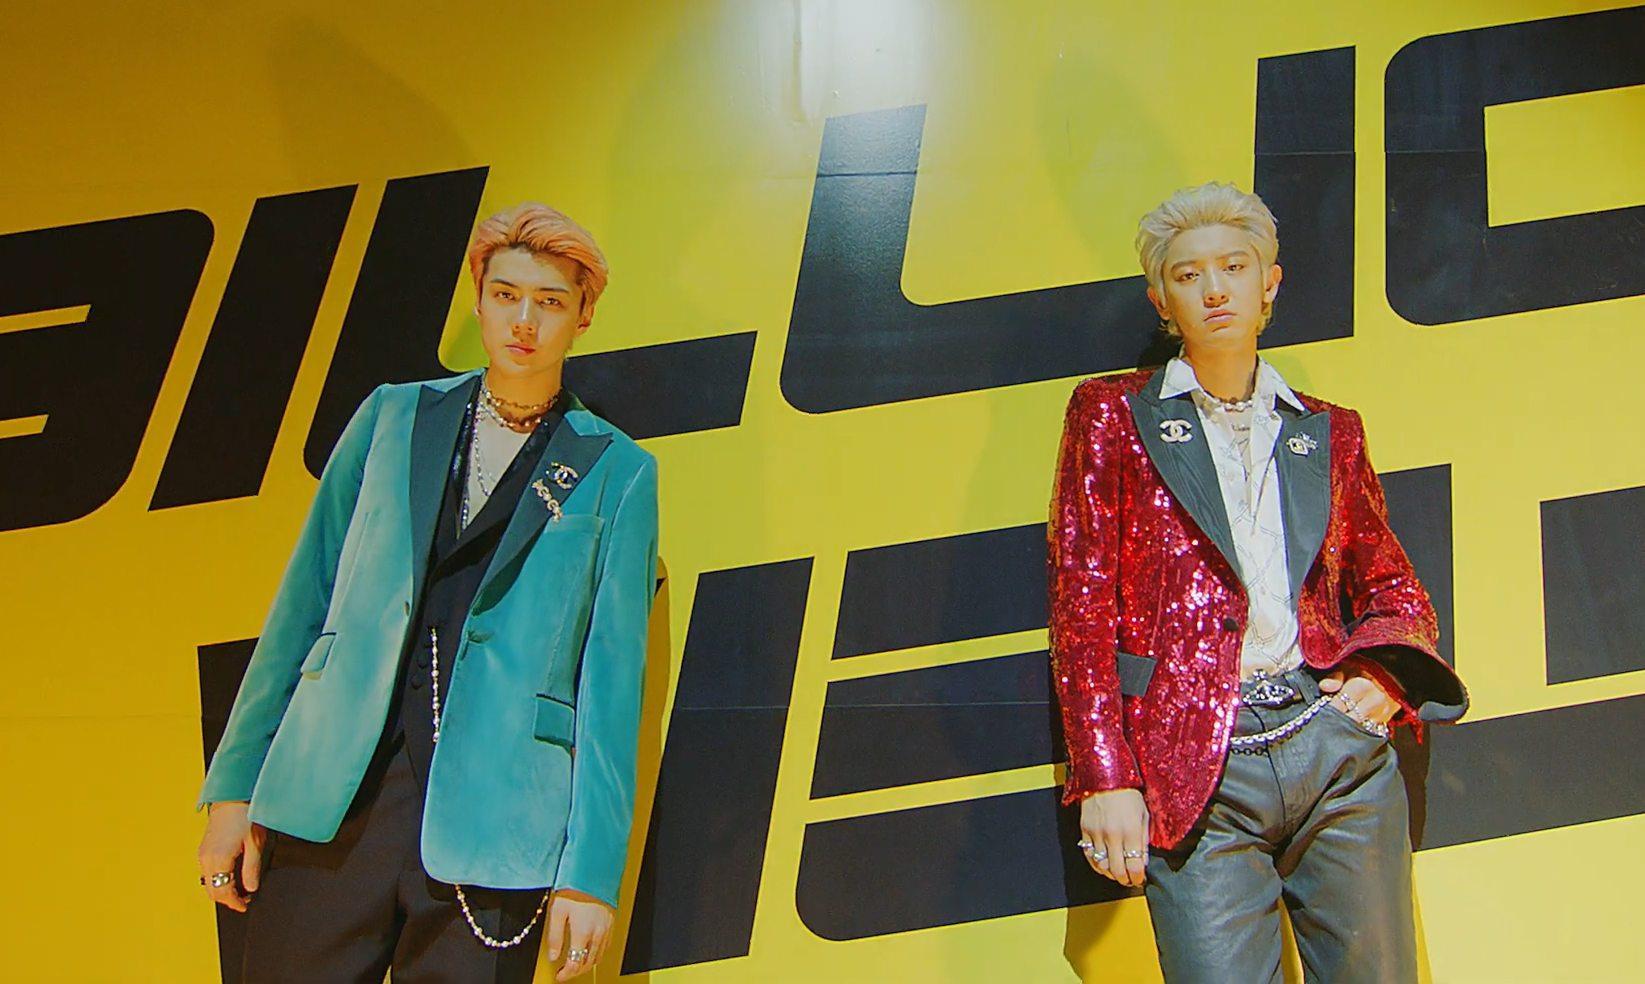 Chỉ sau 1 ngày trở lại, EXO-SC đã lập kỷ lục mới khi trở thành nhóm nhỏ Kpop đầu tiên làm được điều này Ảnh 5